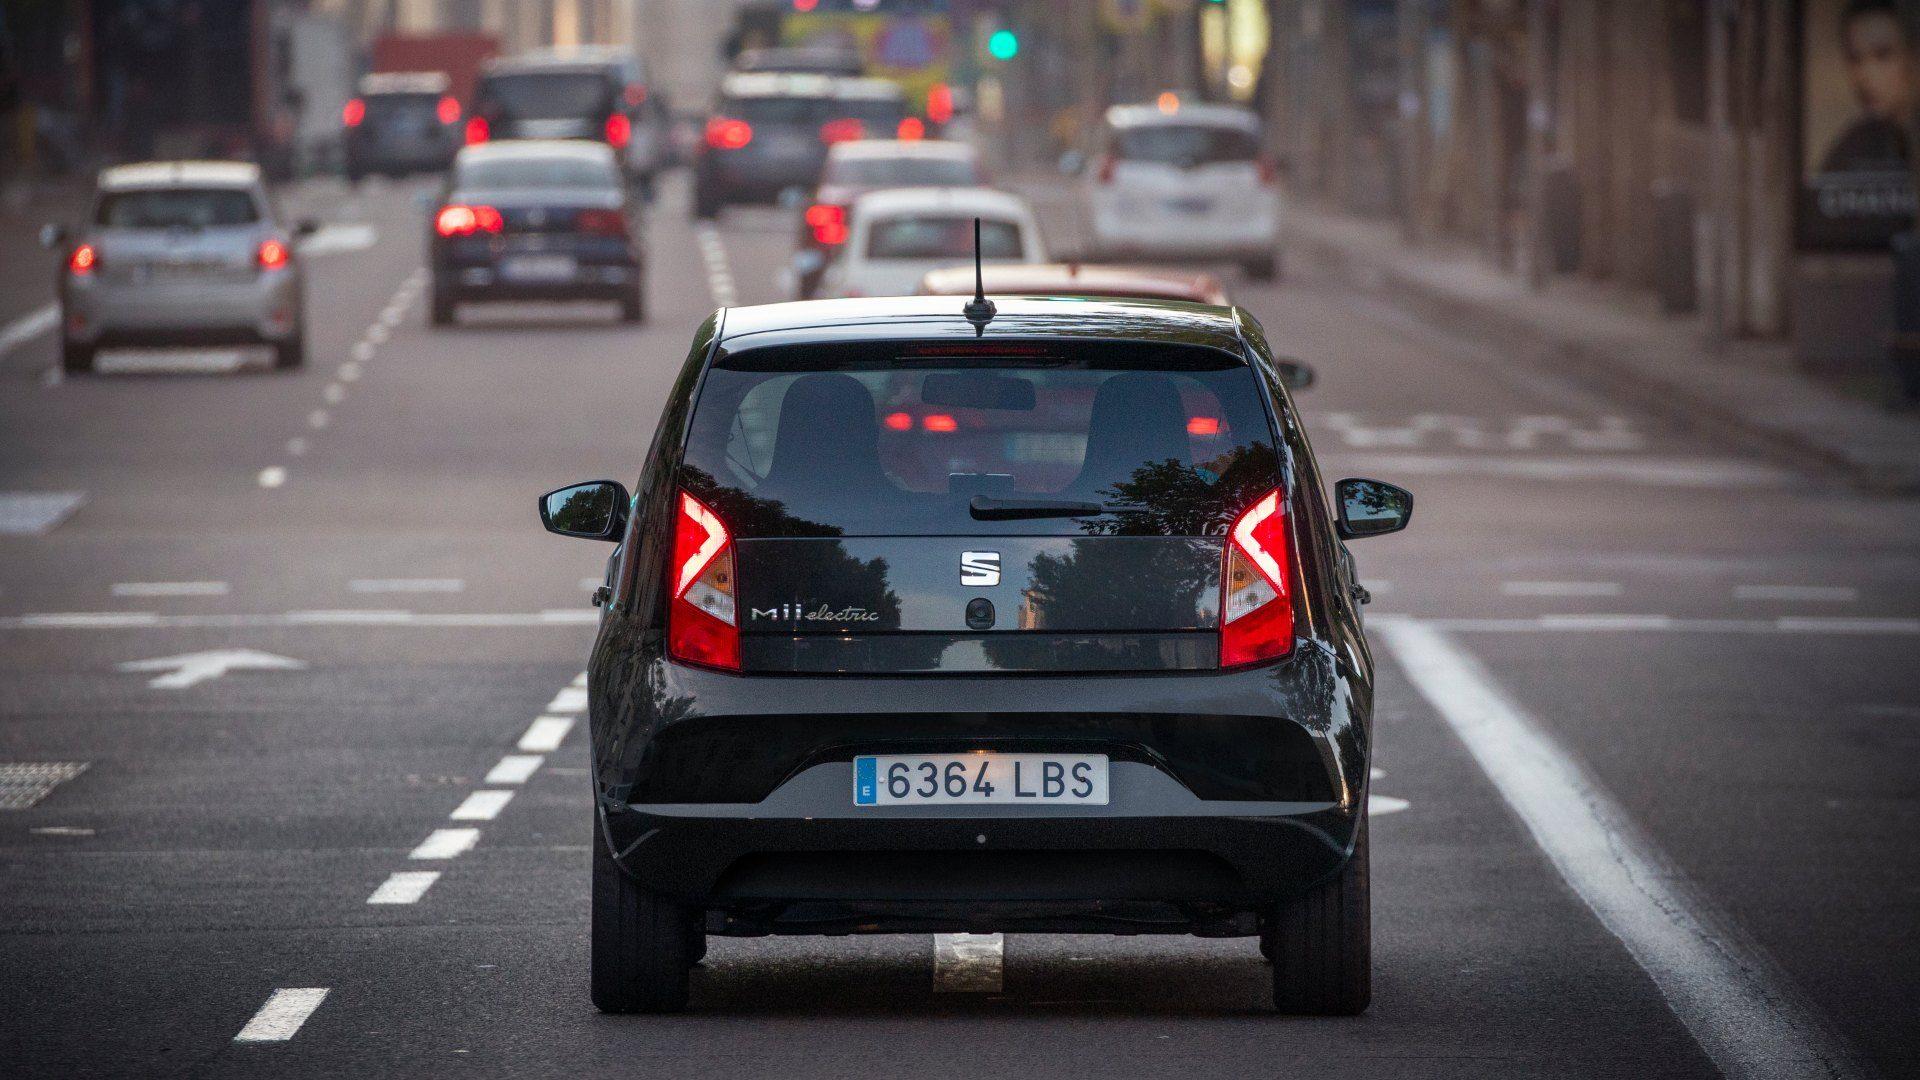 Los coches grandes podrían pagar más por aparcar en zona SER/ORA